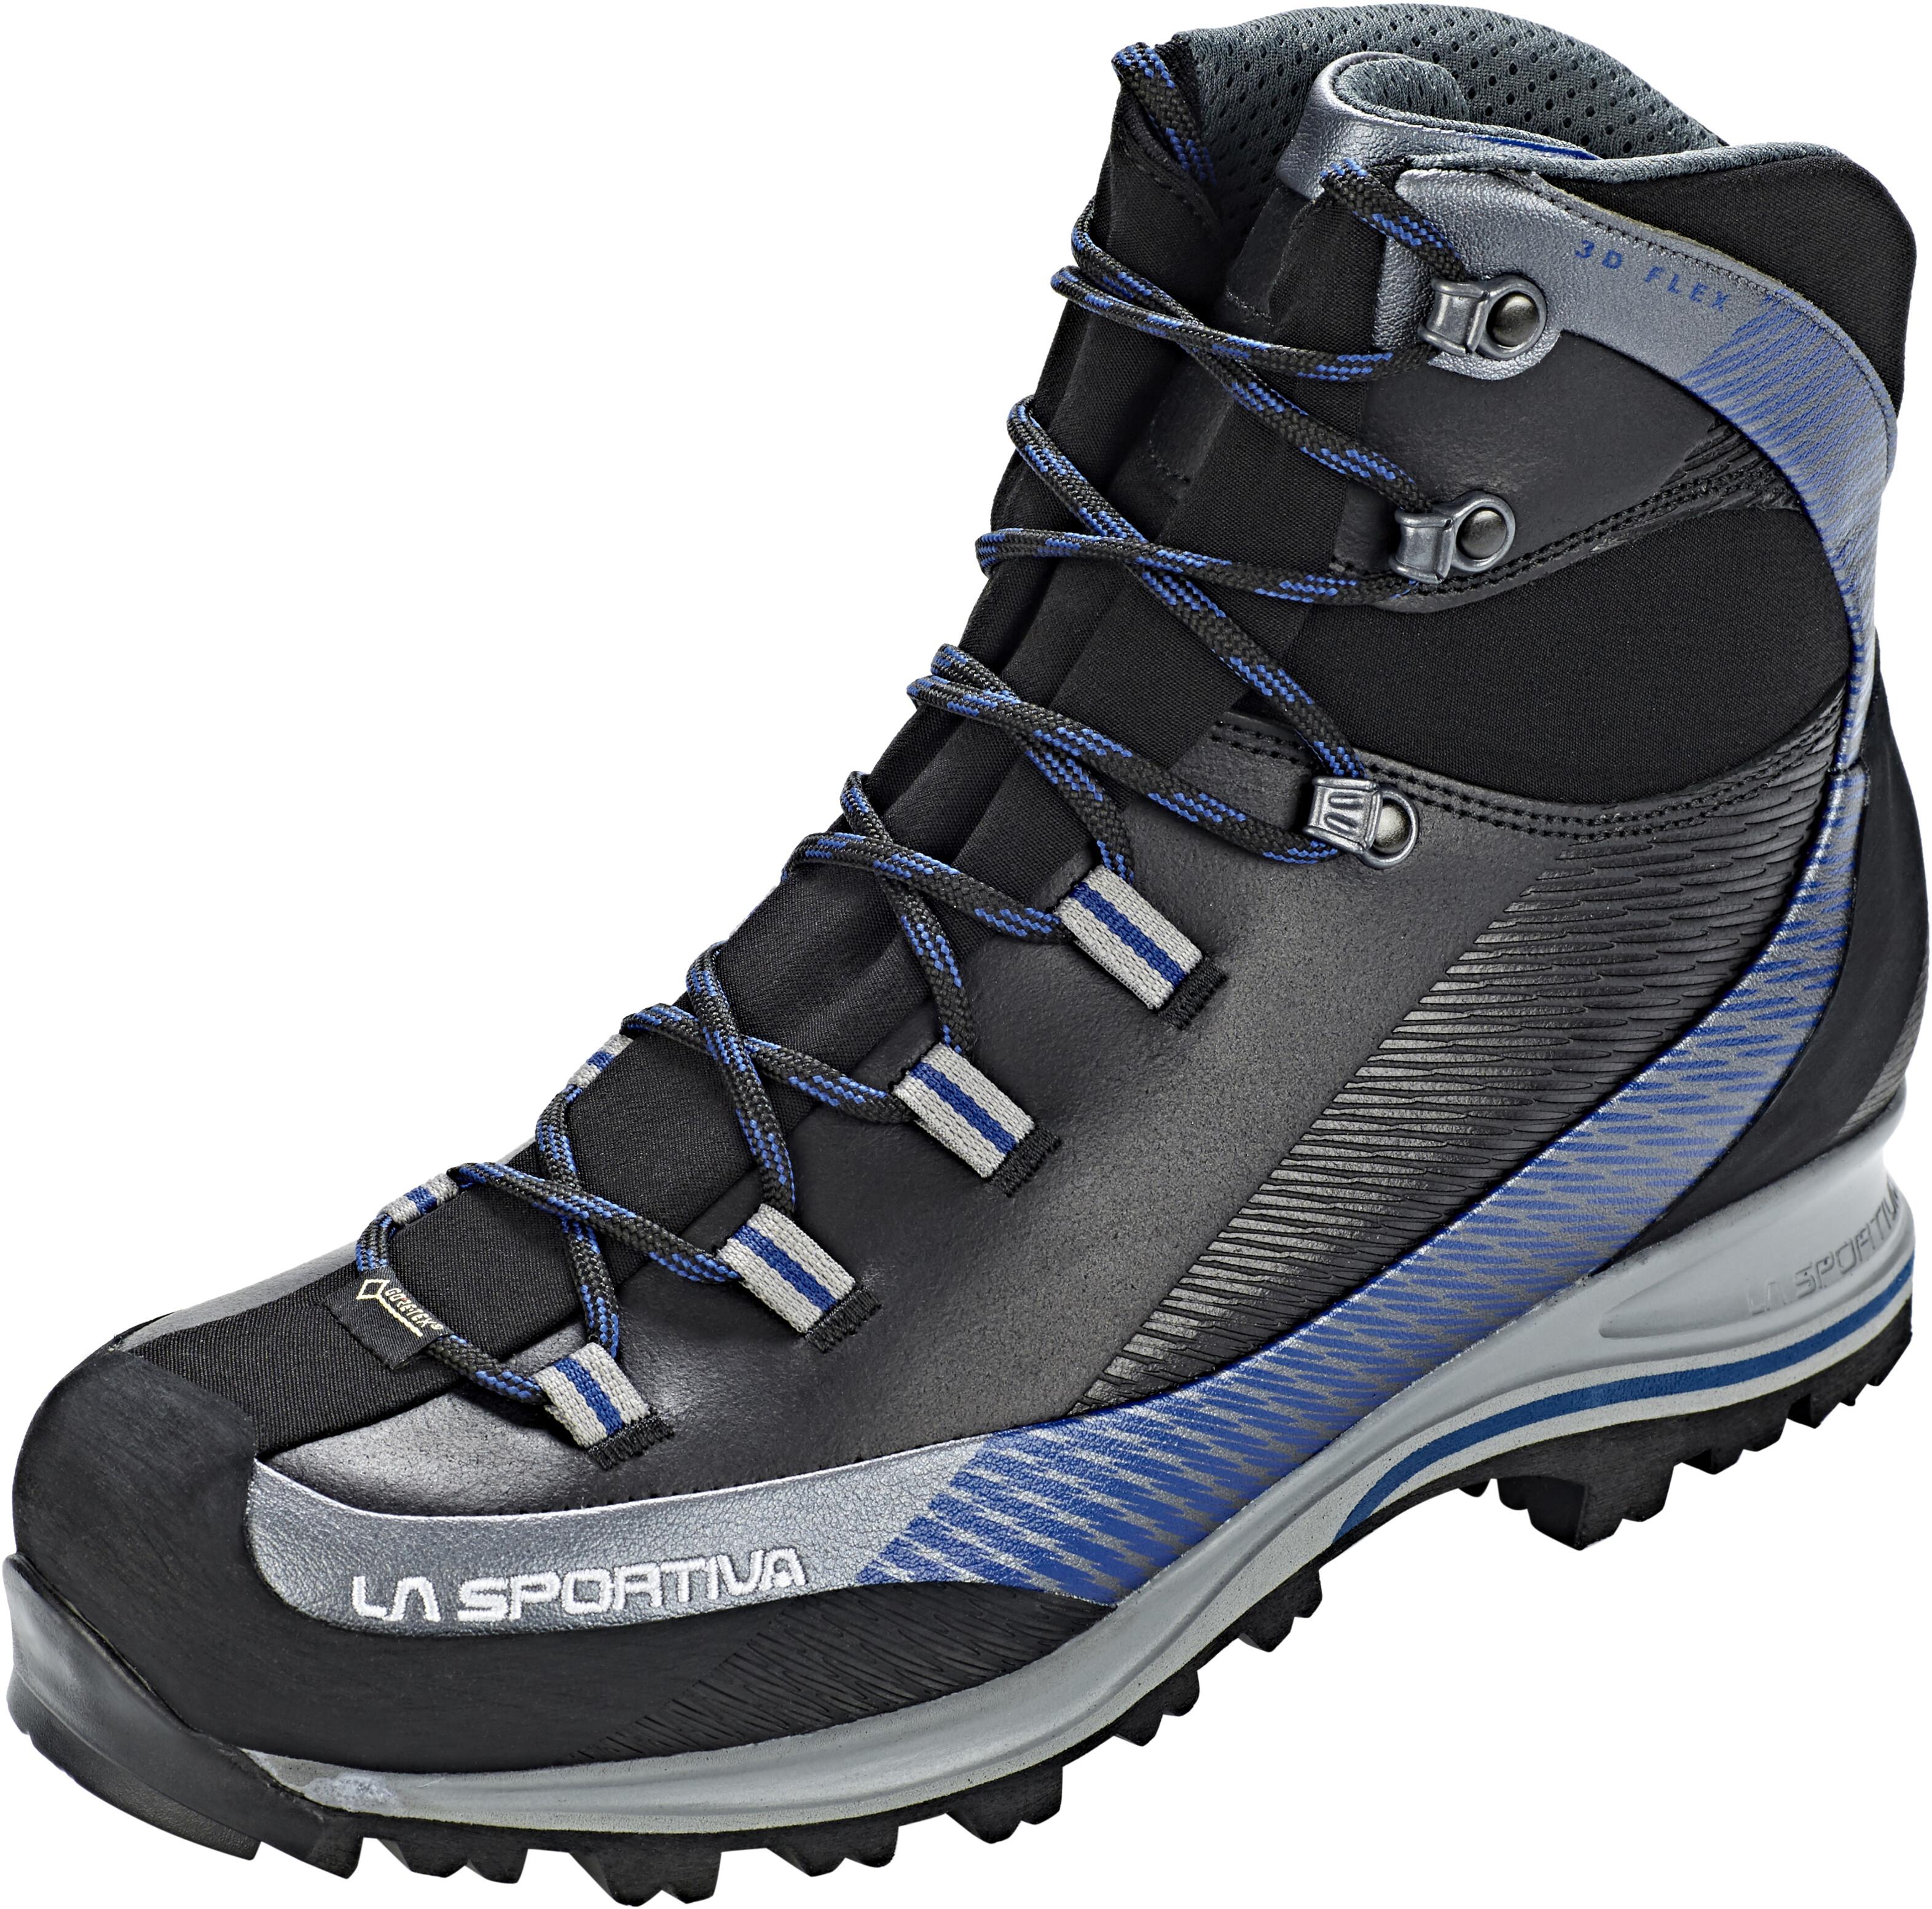 bd202172ad096 La Sportiva Trango TRK Leather GTX - Chaussures Homme - bleu noir ...